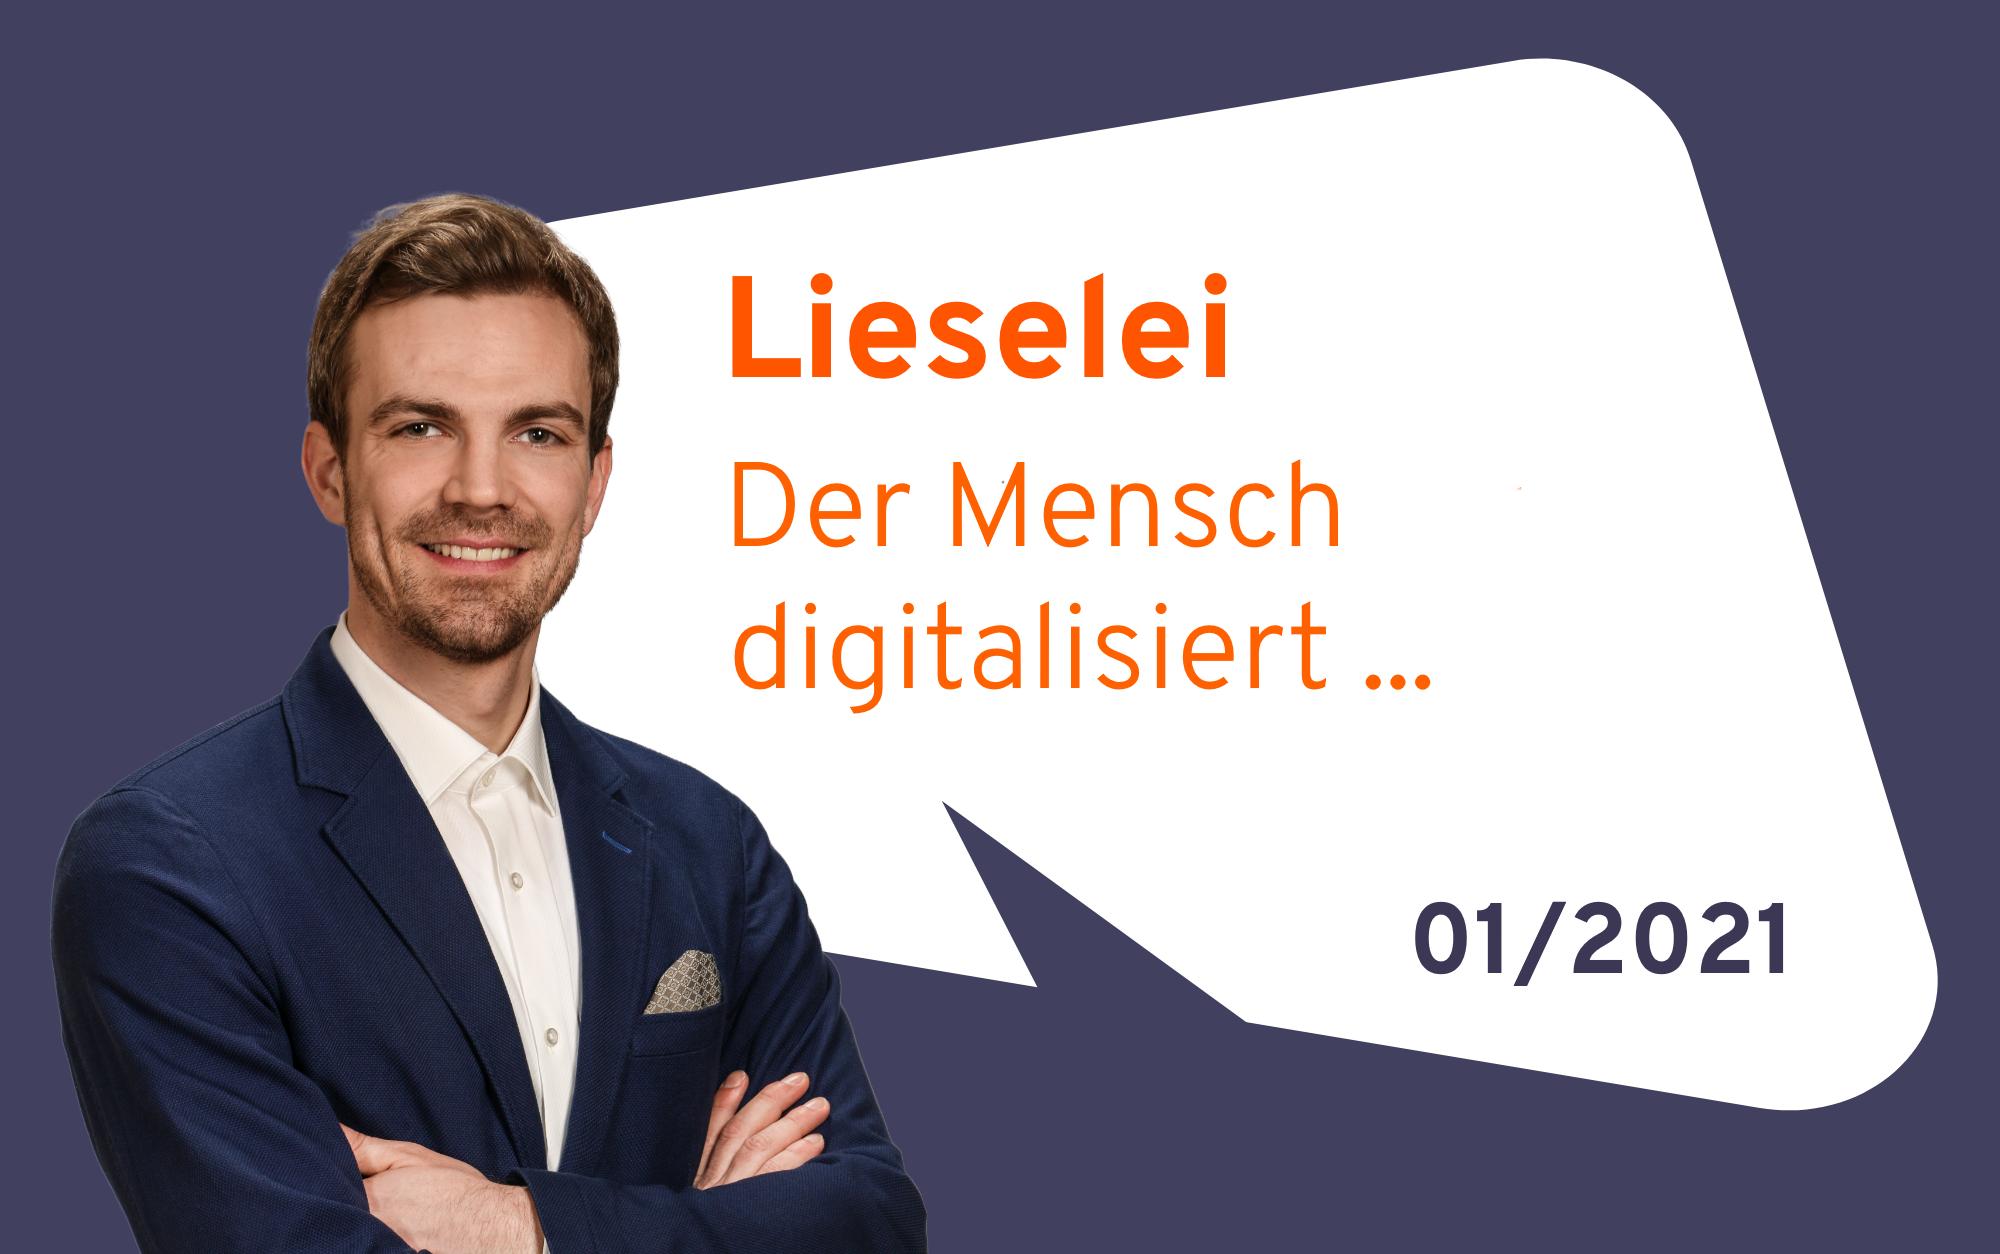 Lieselei – Der Mensch Digitalisiert …